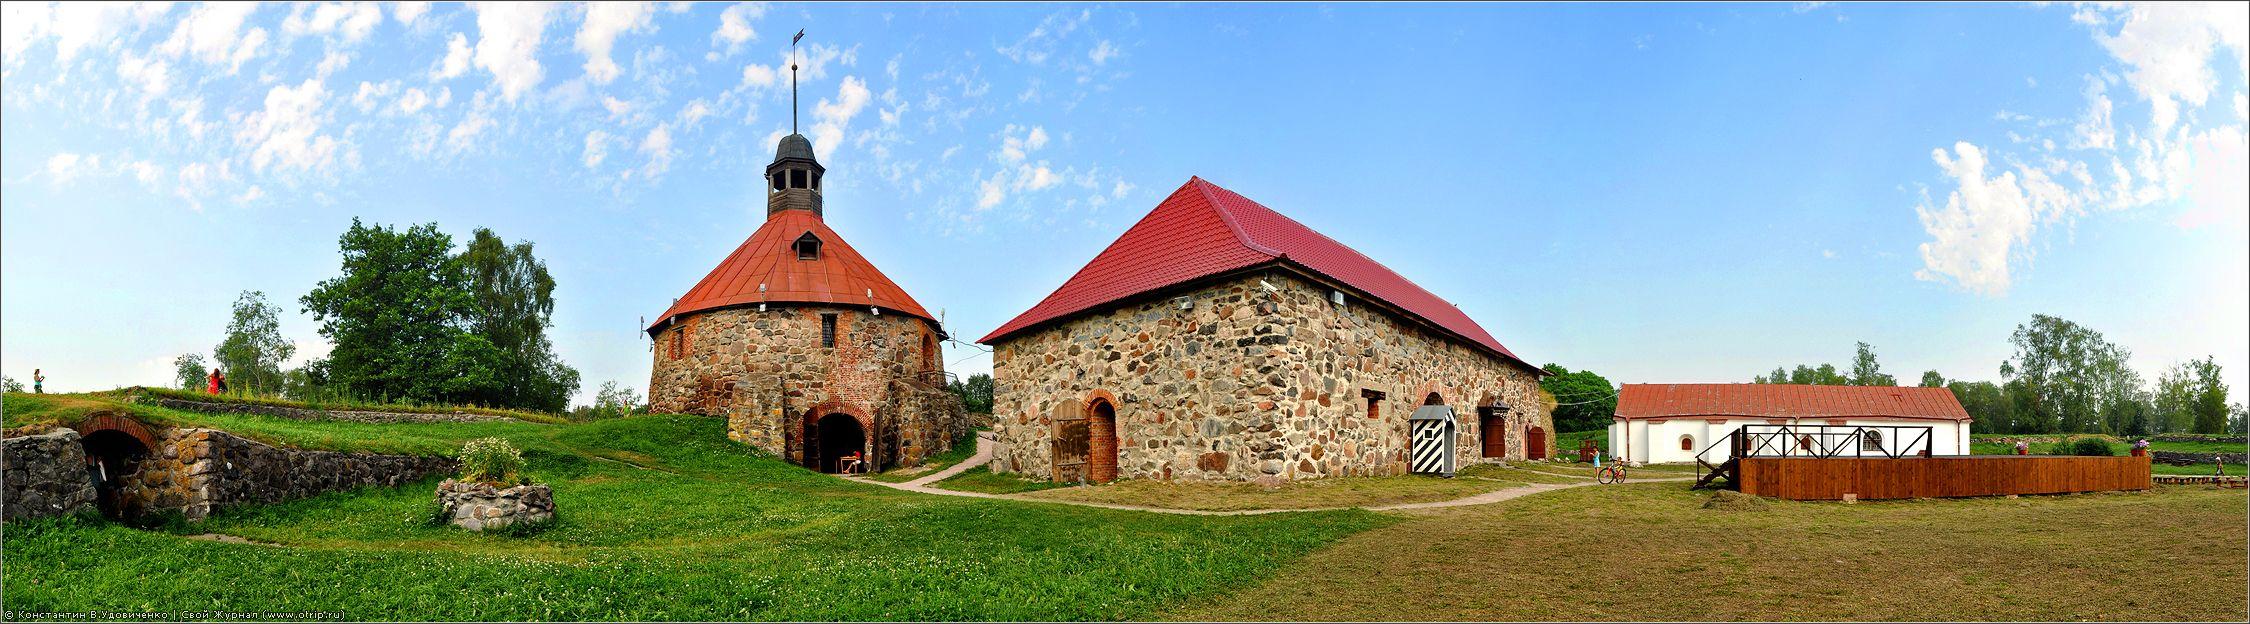 4483-4497s_2.jpg - Крепость Корела (28.7.2010)